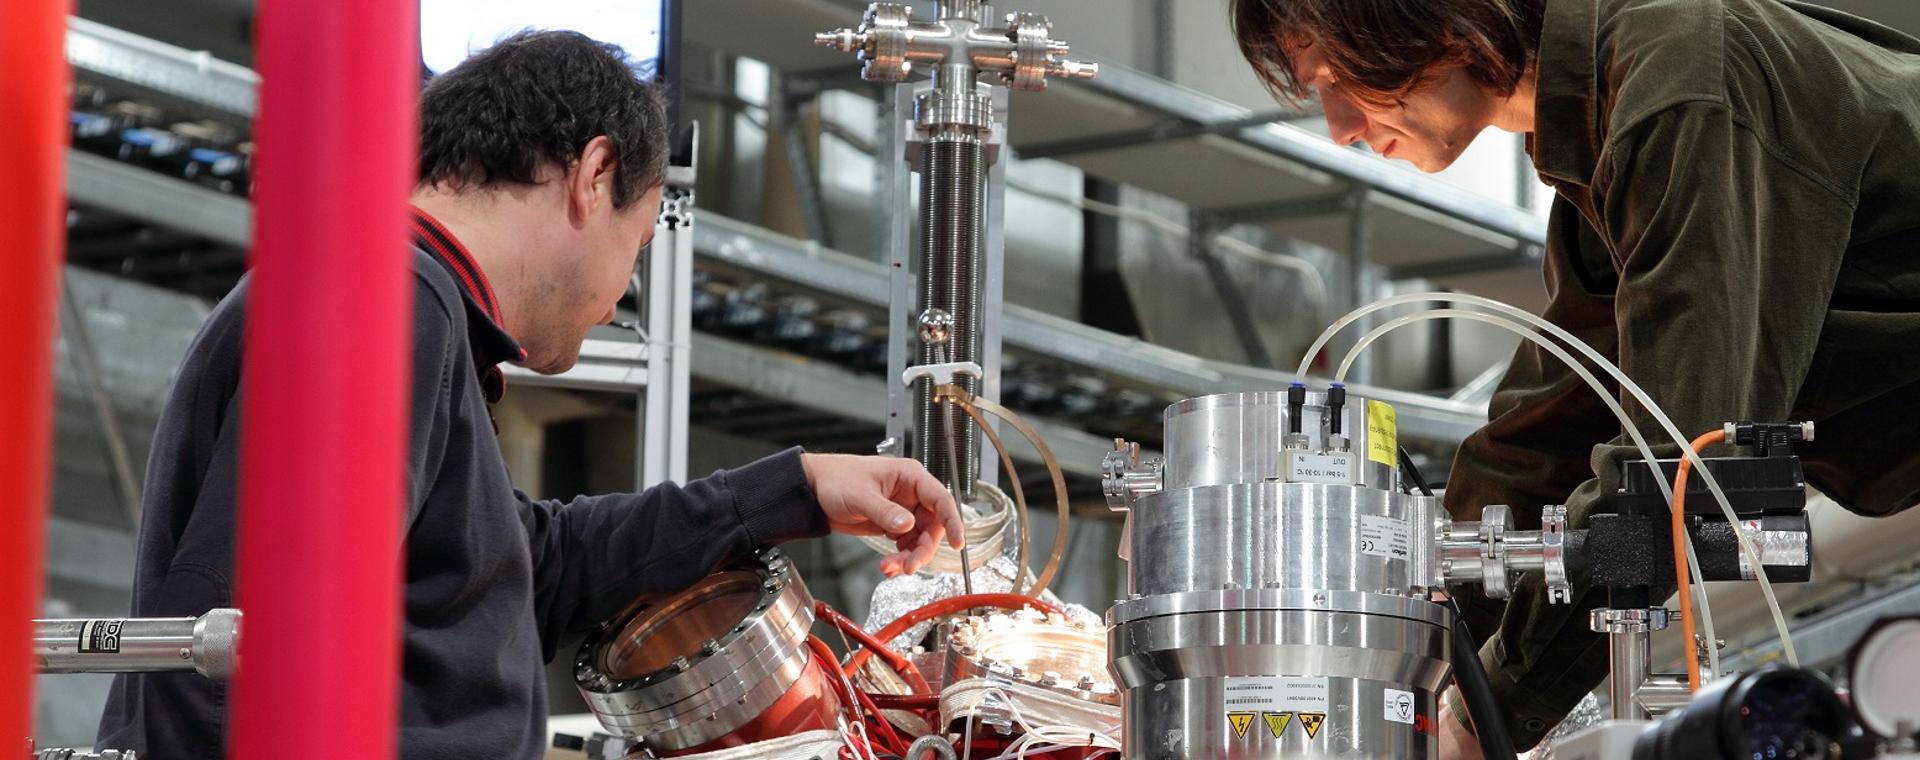 Elettra Sincrotrone Trieste ed Eni siglano un accordo  di collaborazione scientifica e tecnologica